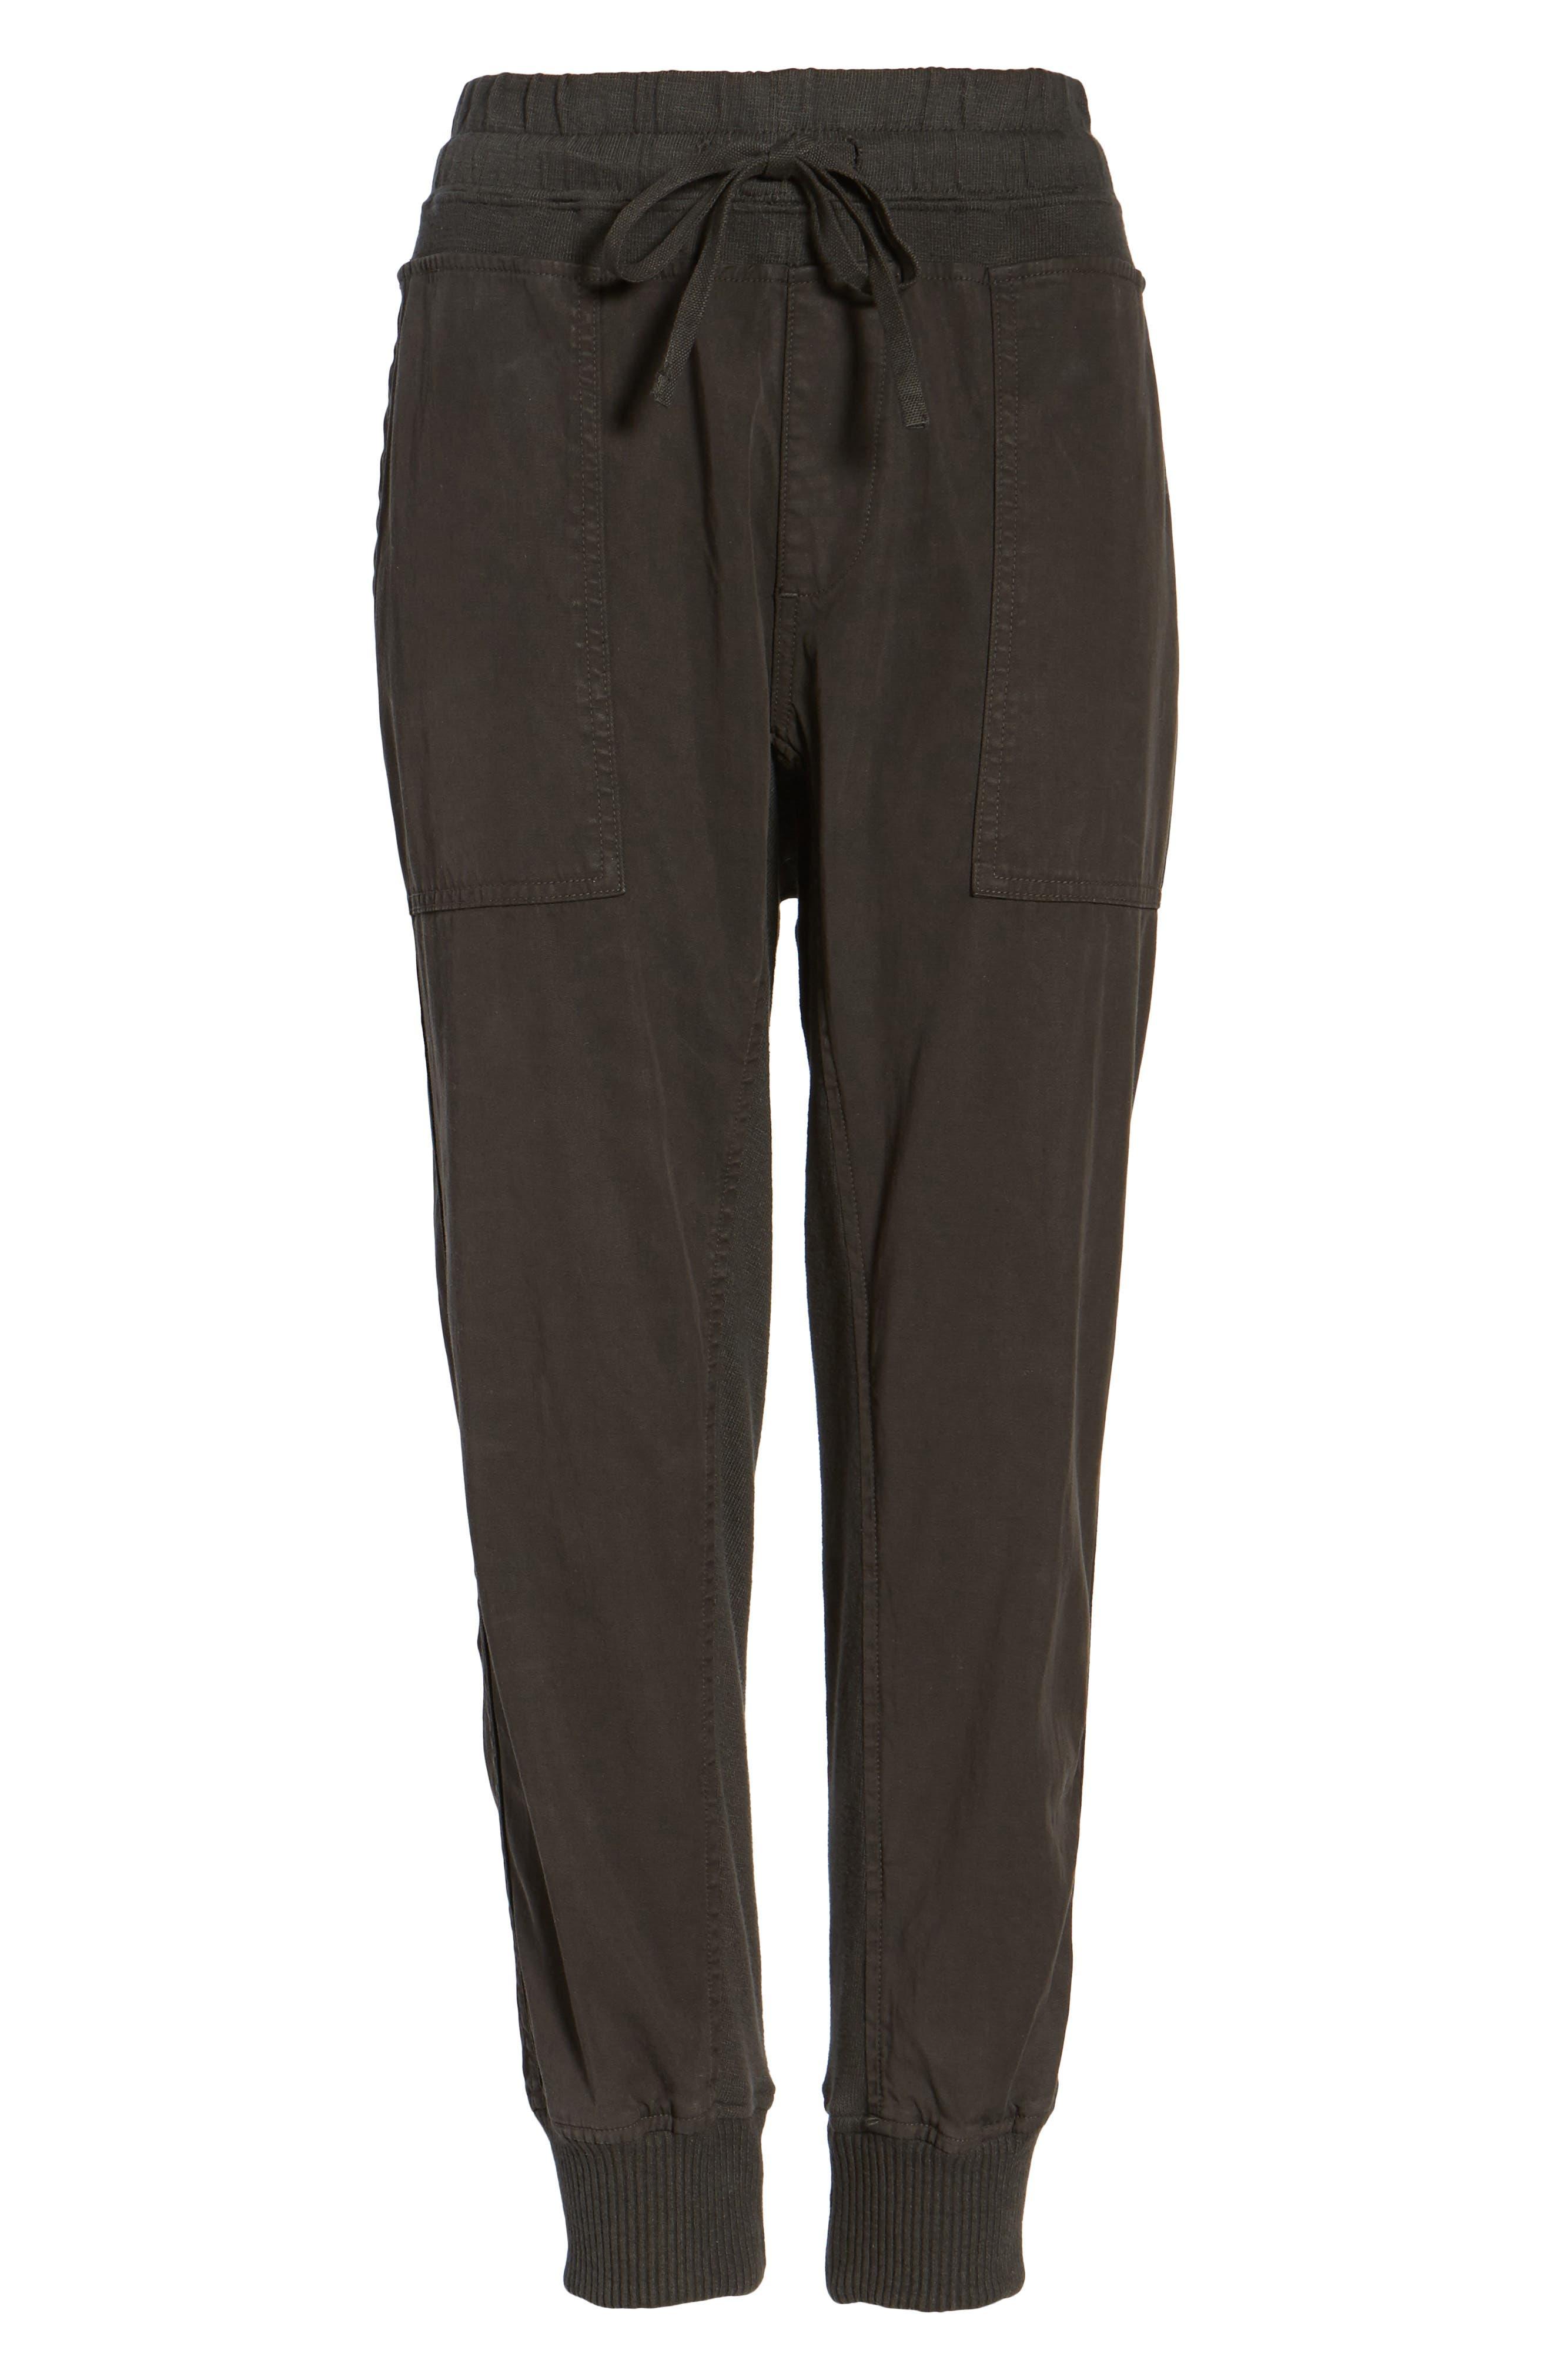 Jogger Pants,                             Alternate thumbnail 7, color,                             Carbon